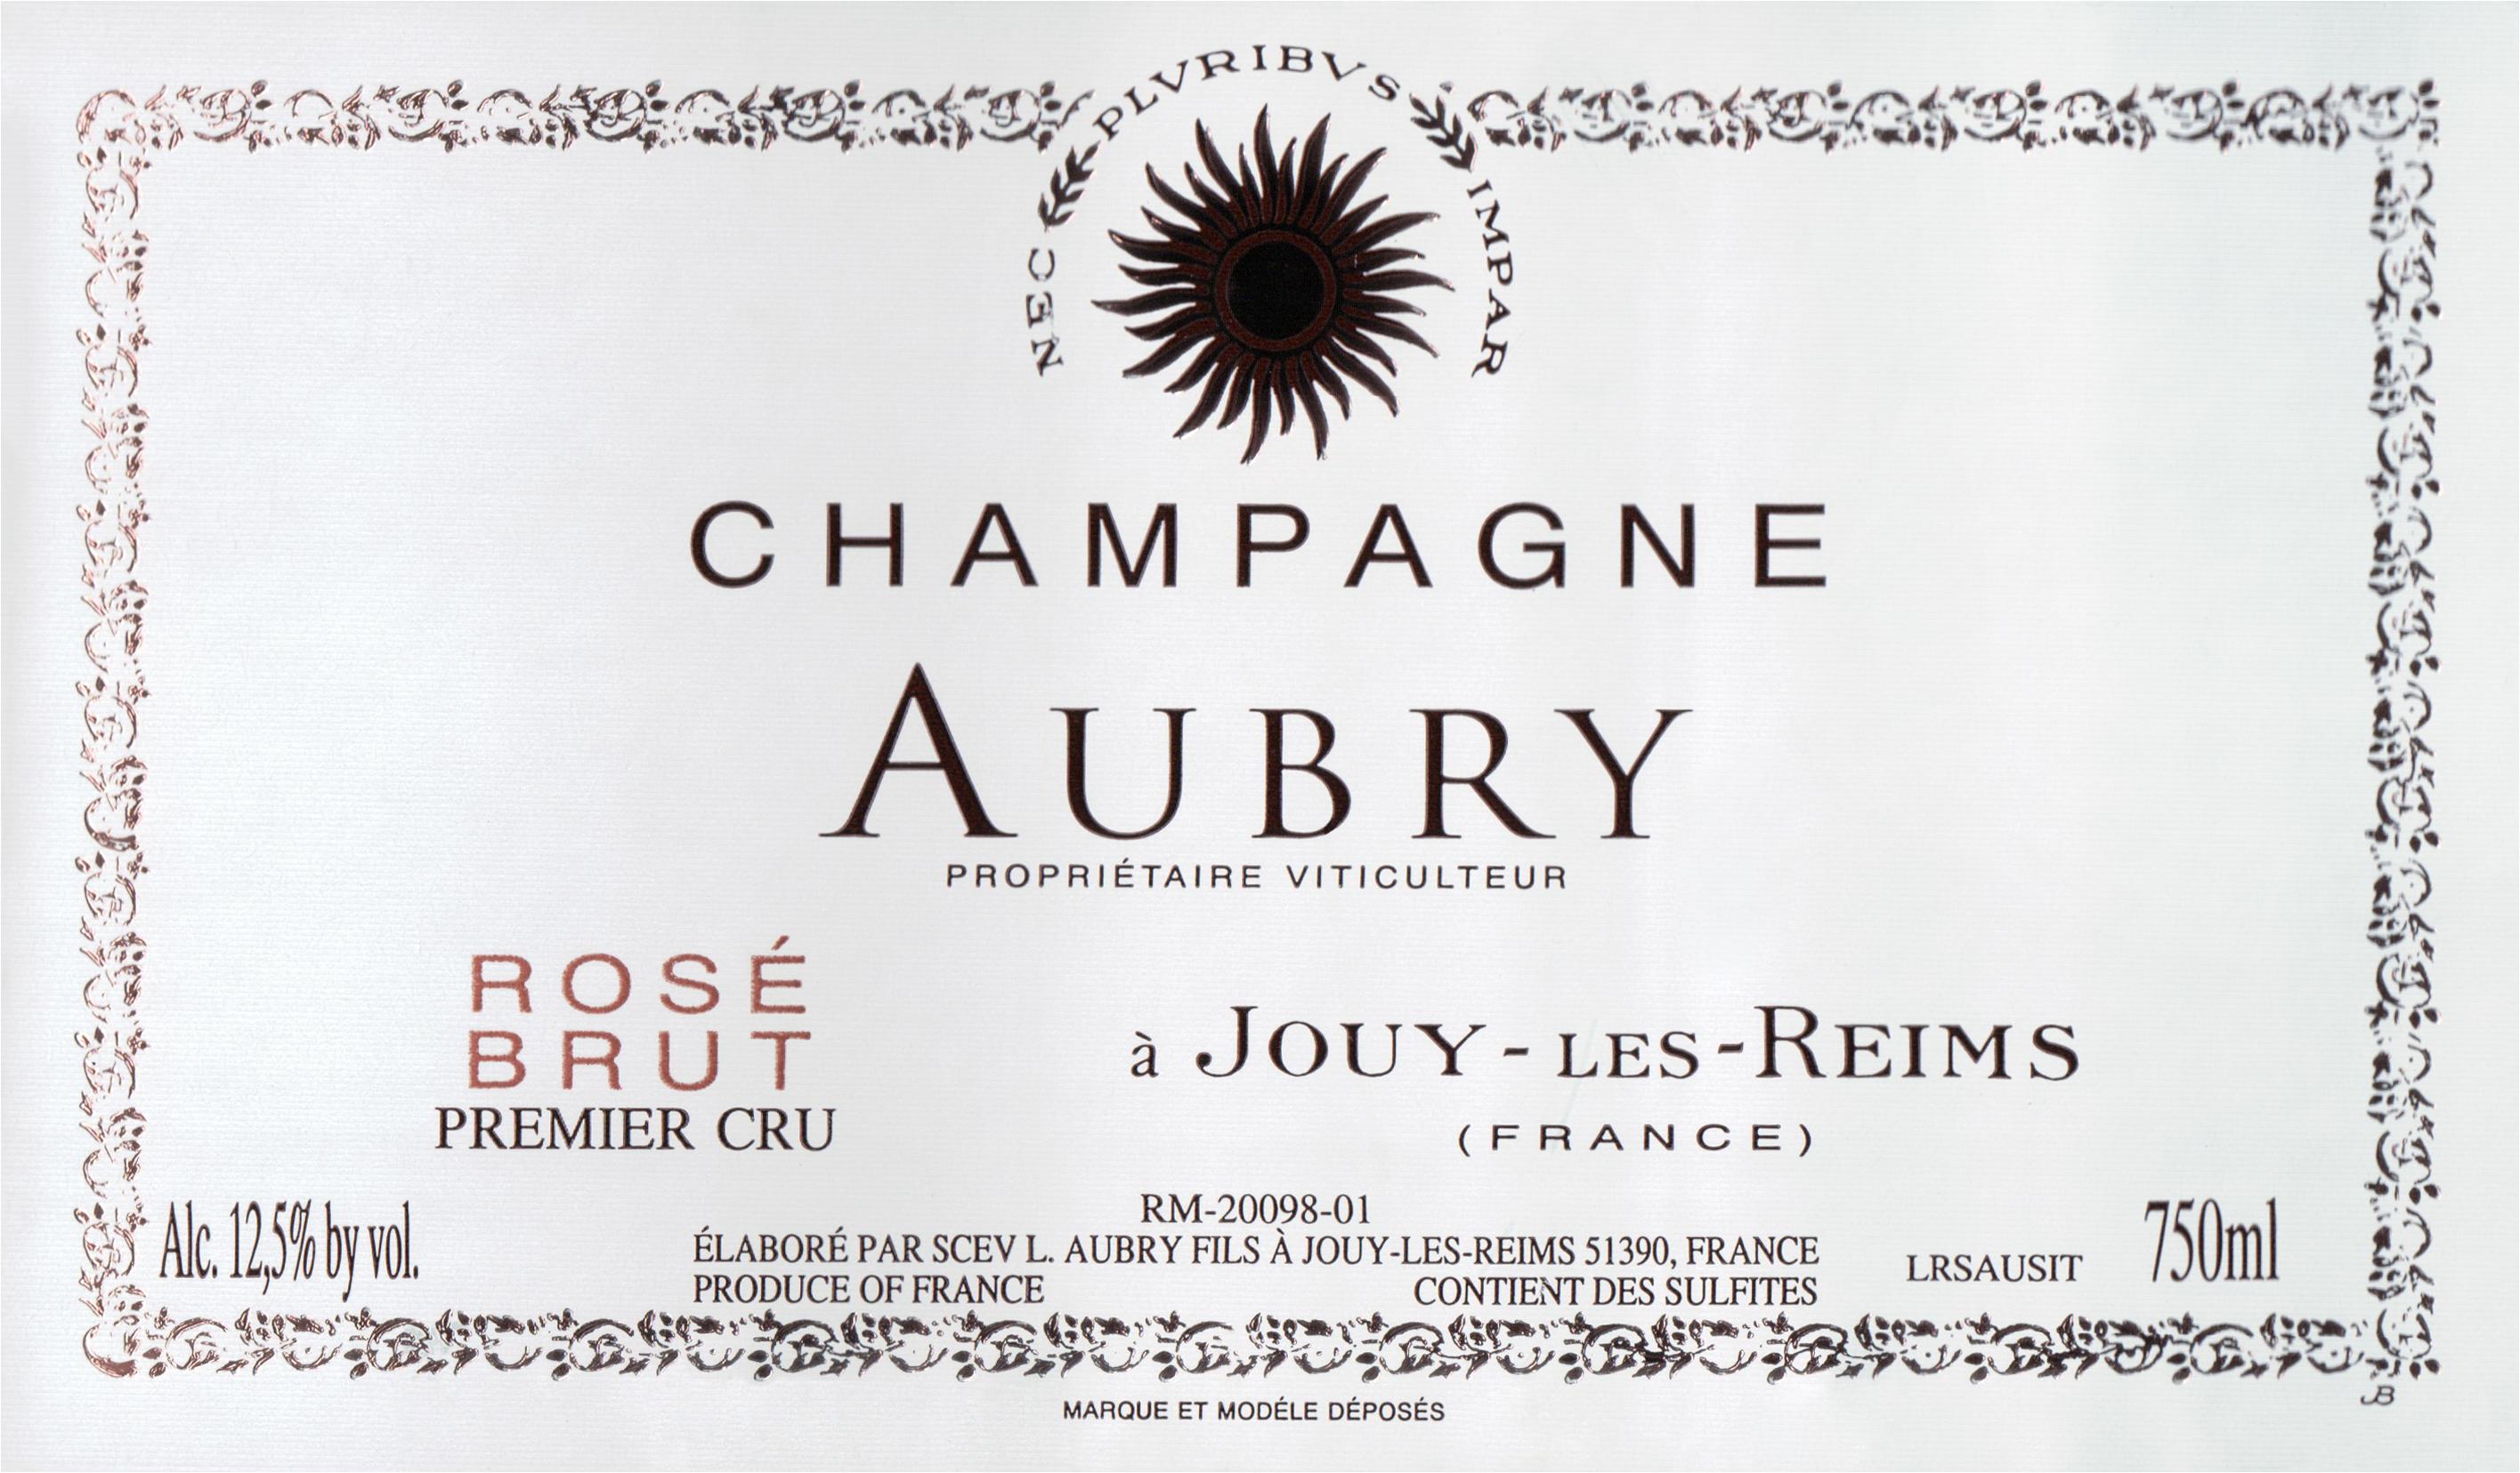 Aubry Brut Rose Premier Cru